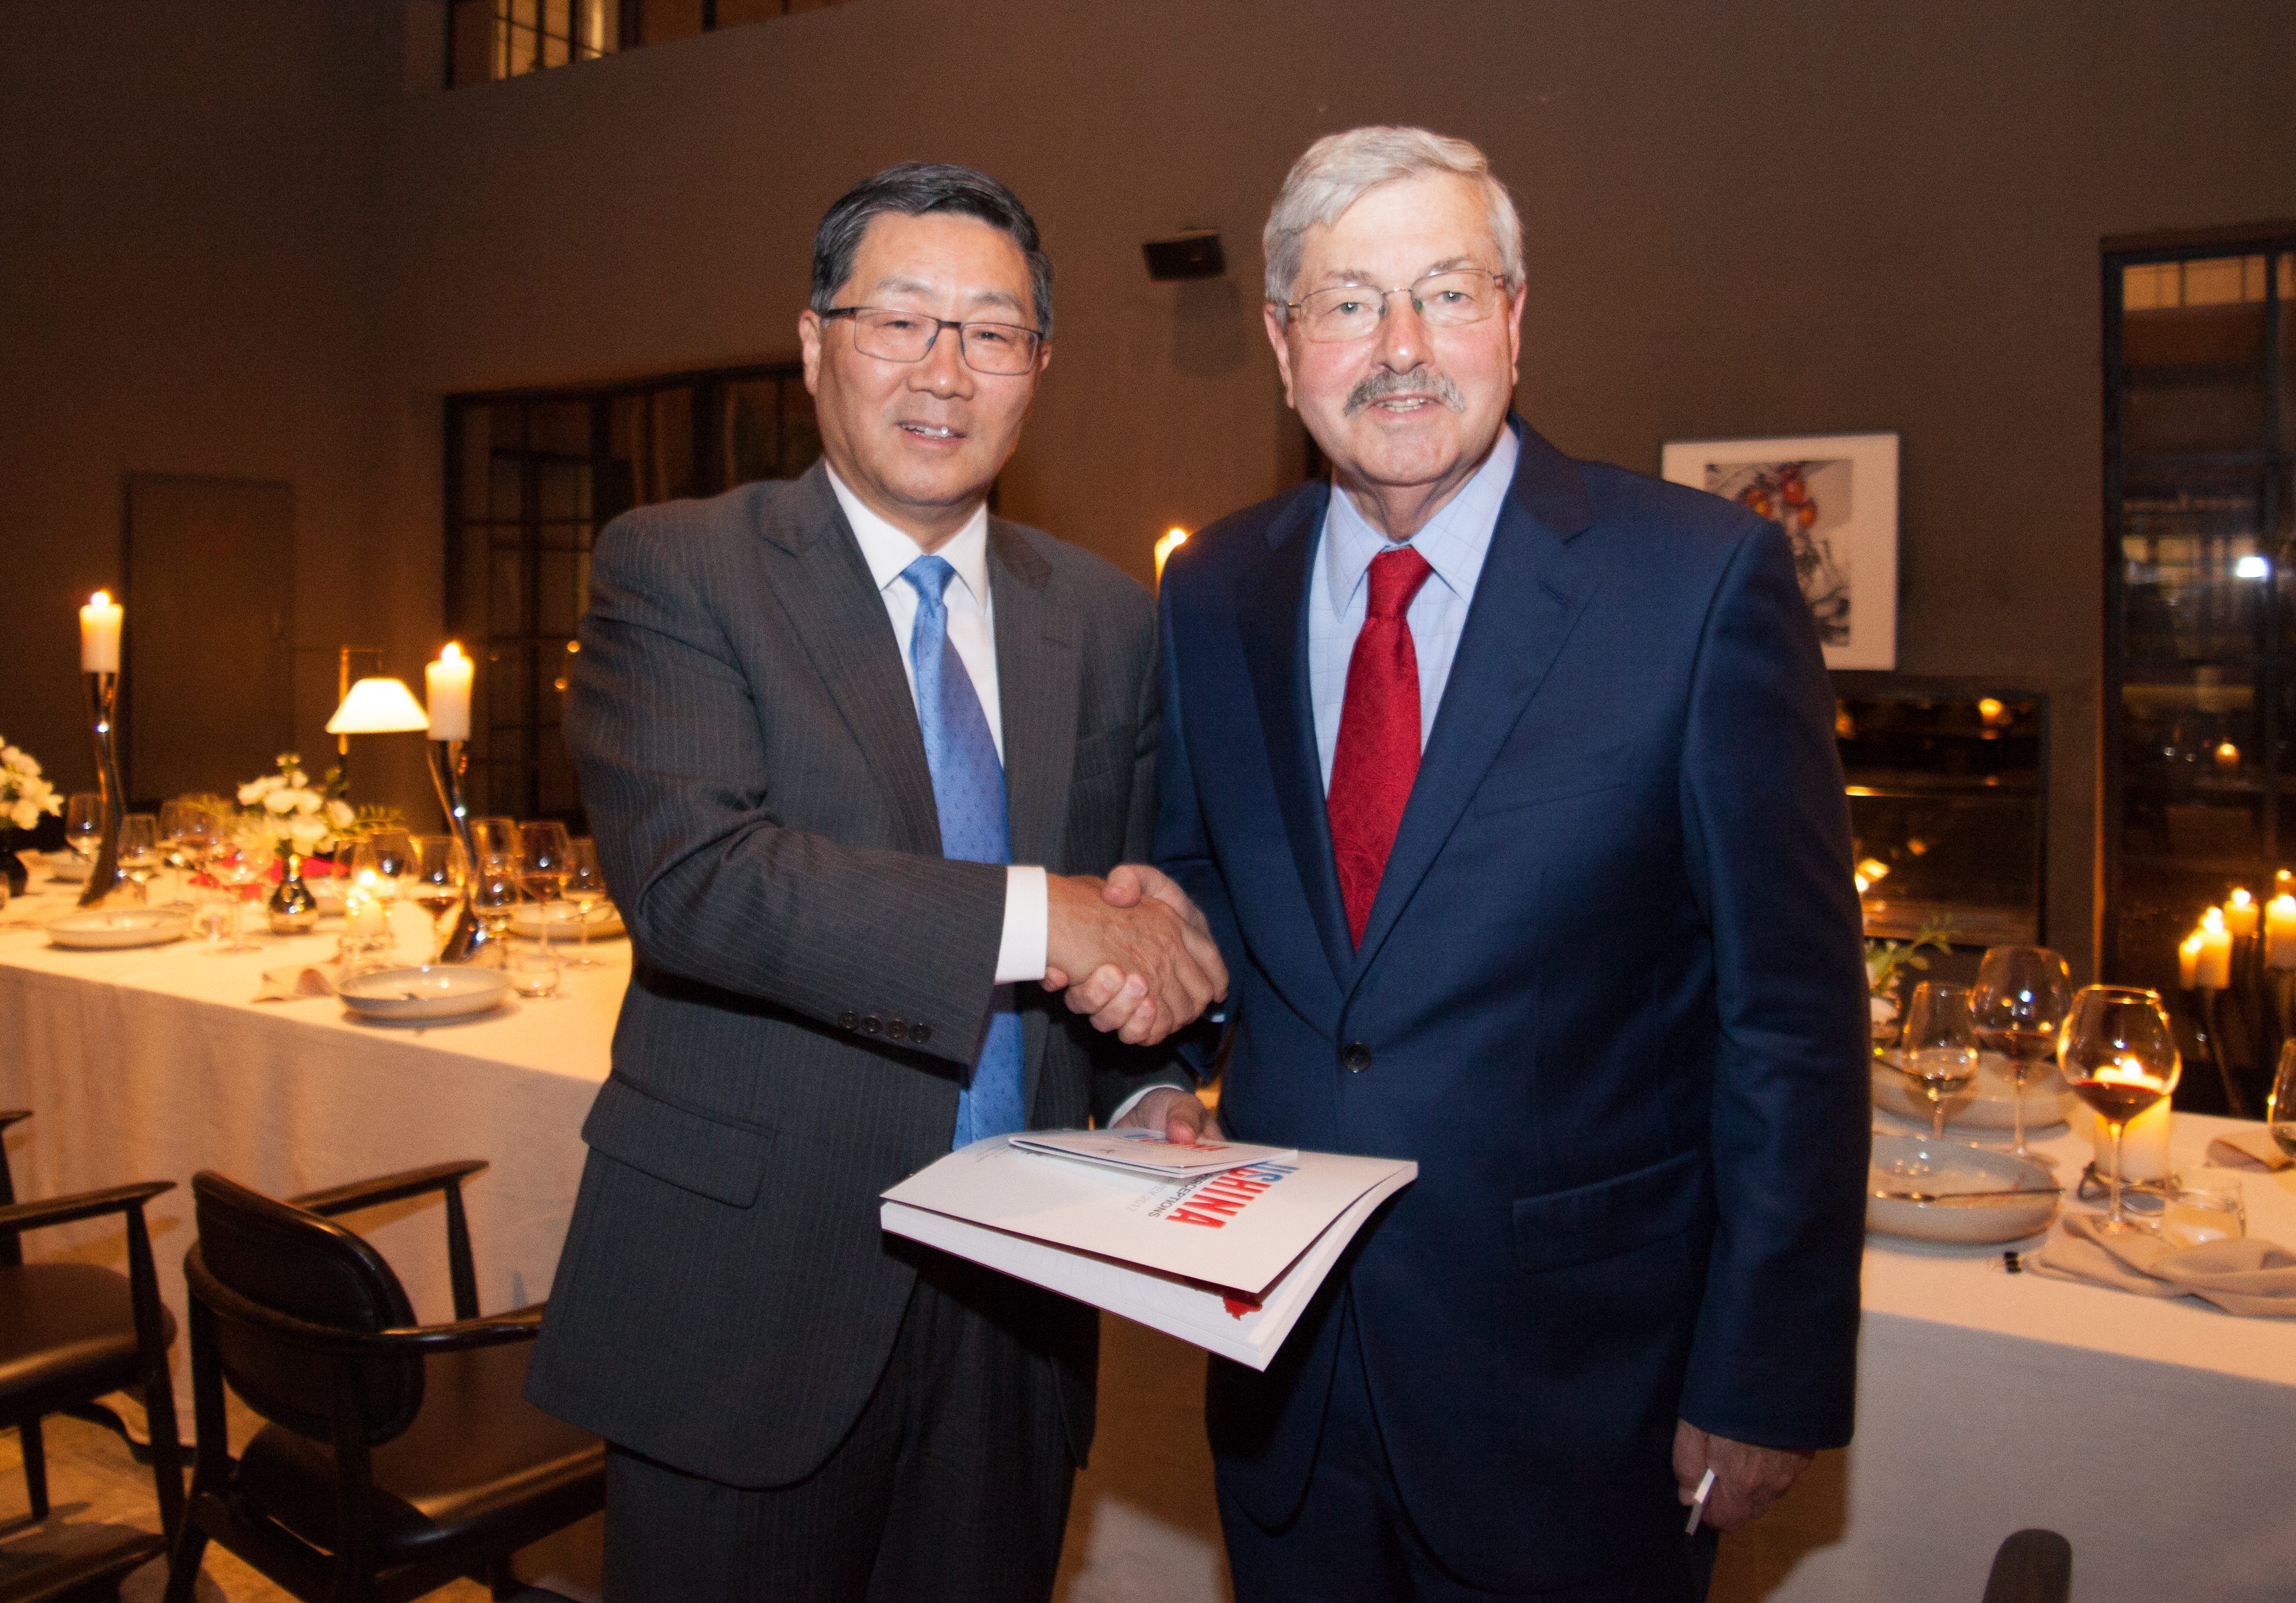 Dazong Wang and Ambassador Branstad shaking hands